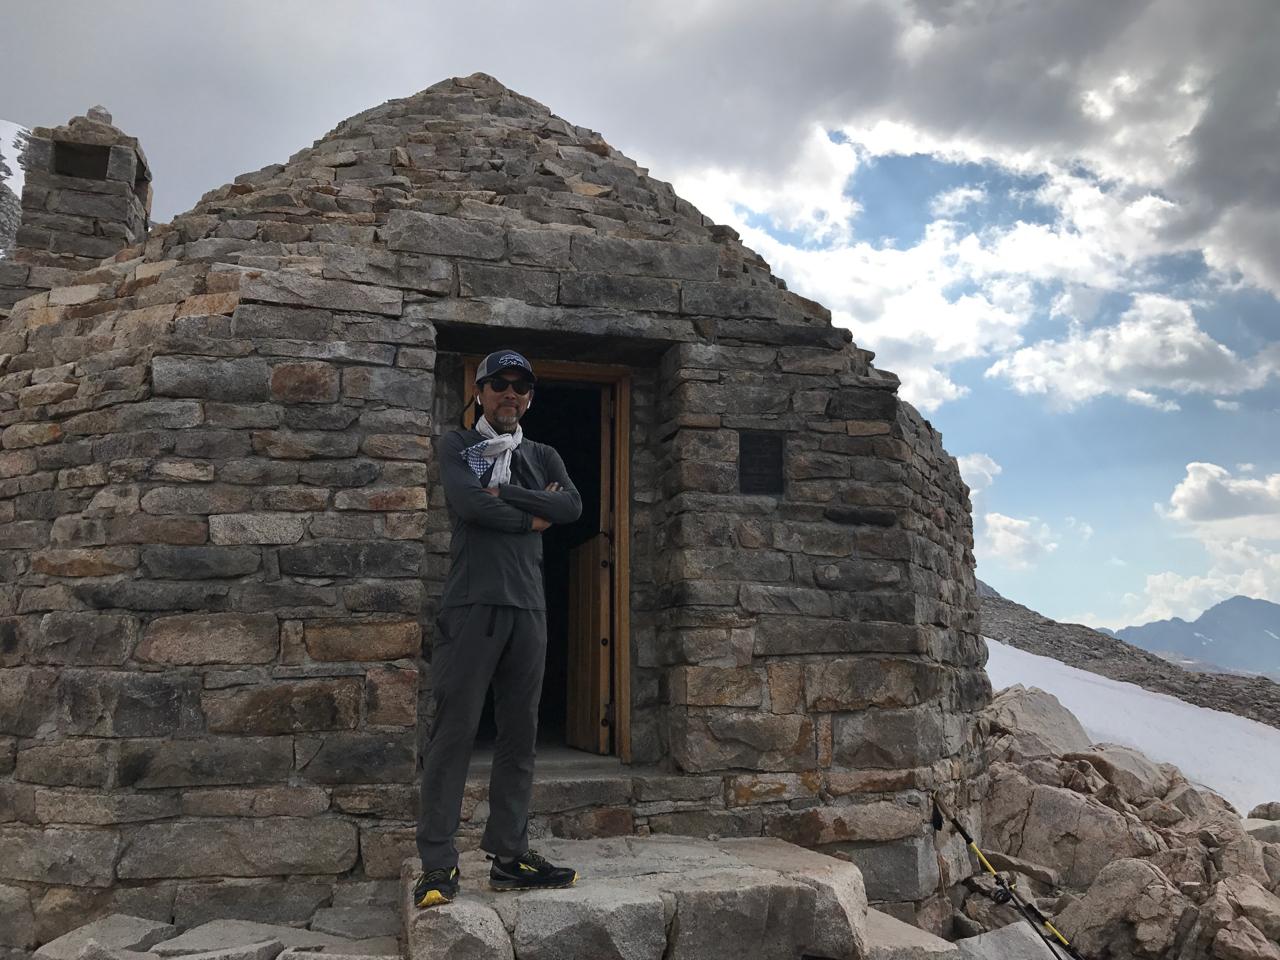 Muir Pass Hut